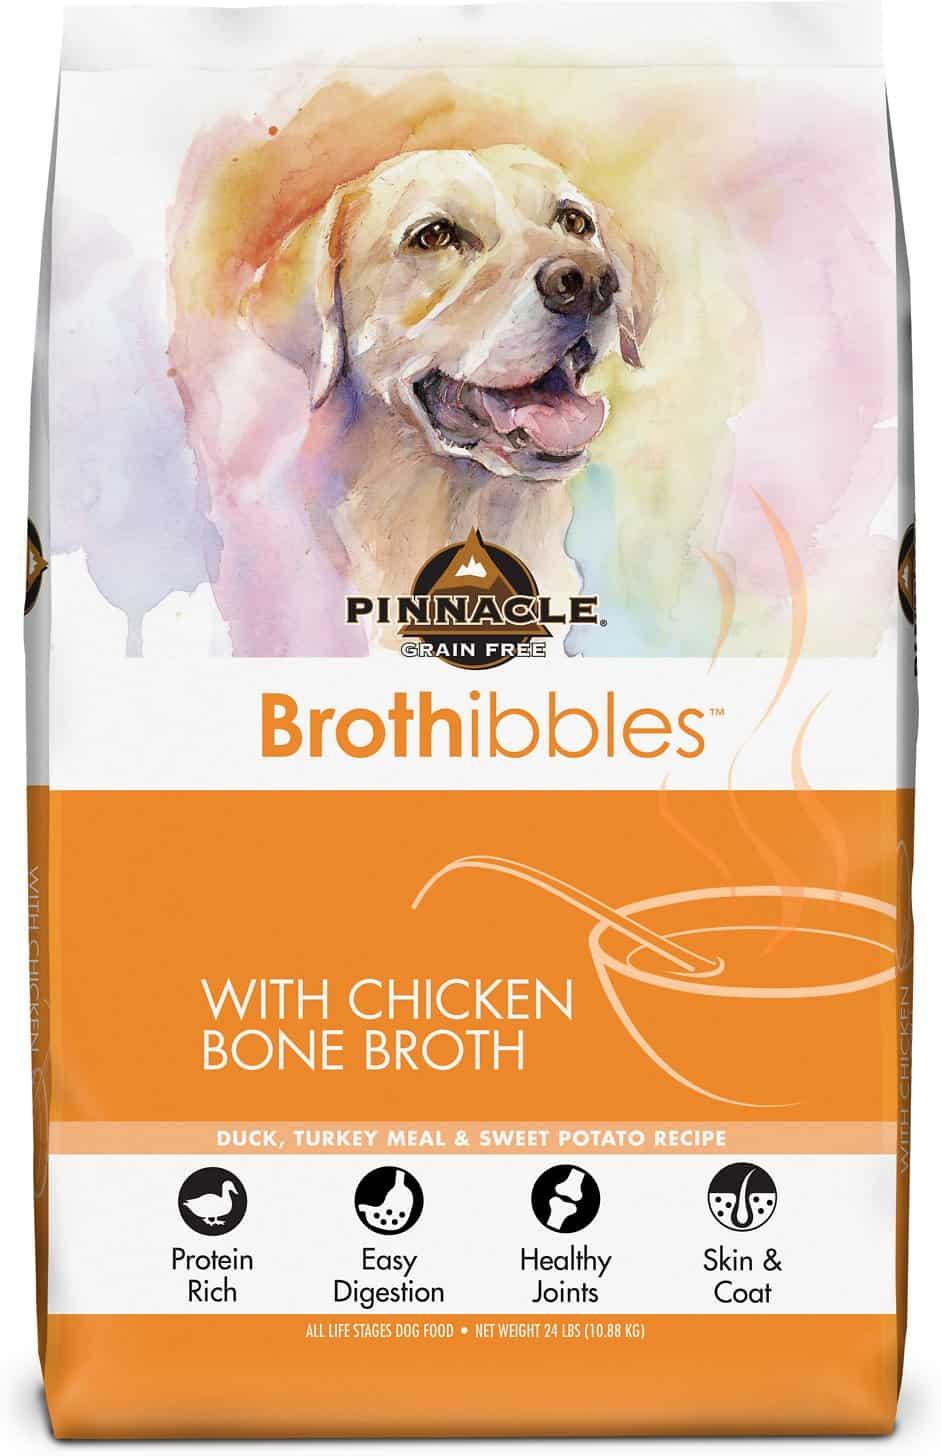 Pinnacle Dog Food Reviews, Recalls & Coupons [year] 9